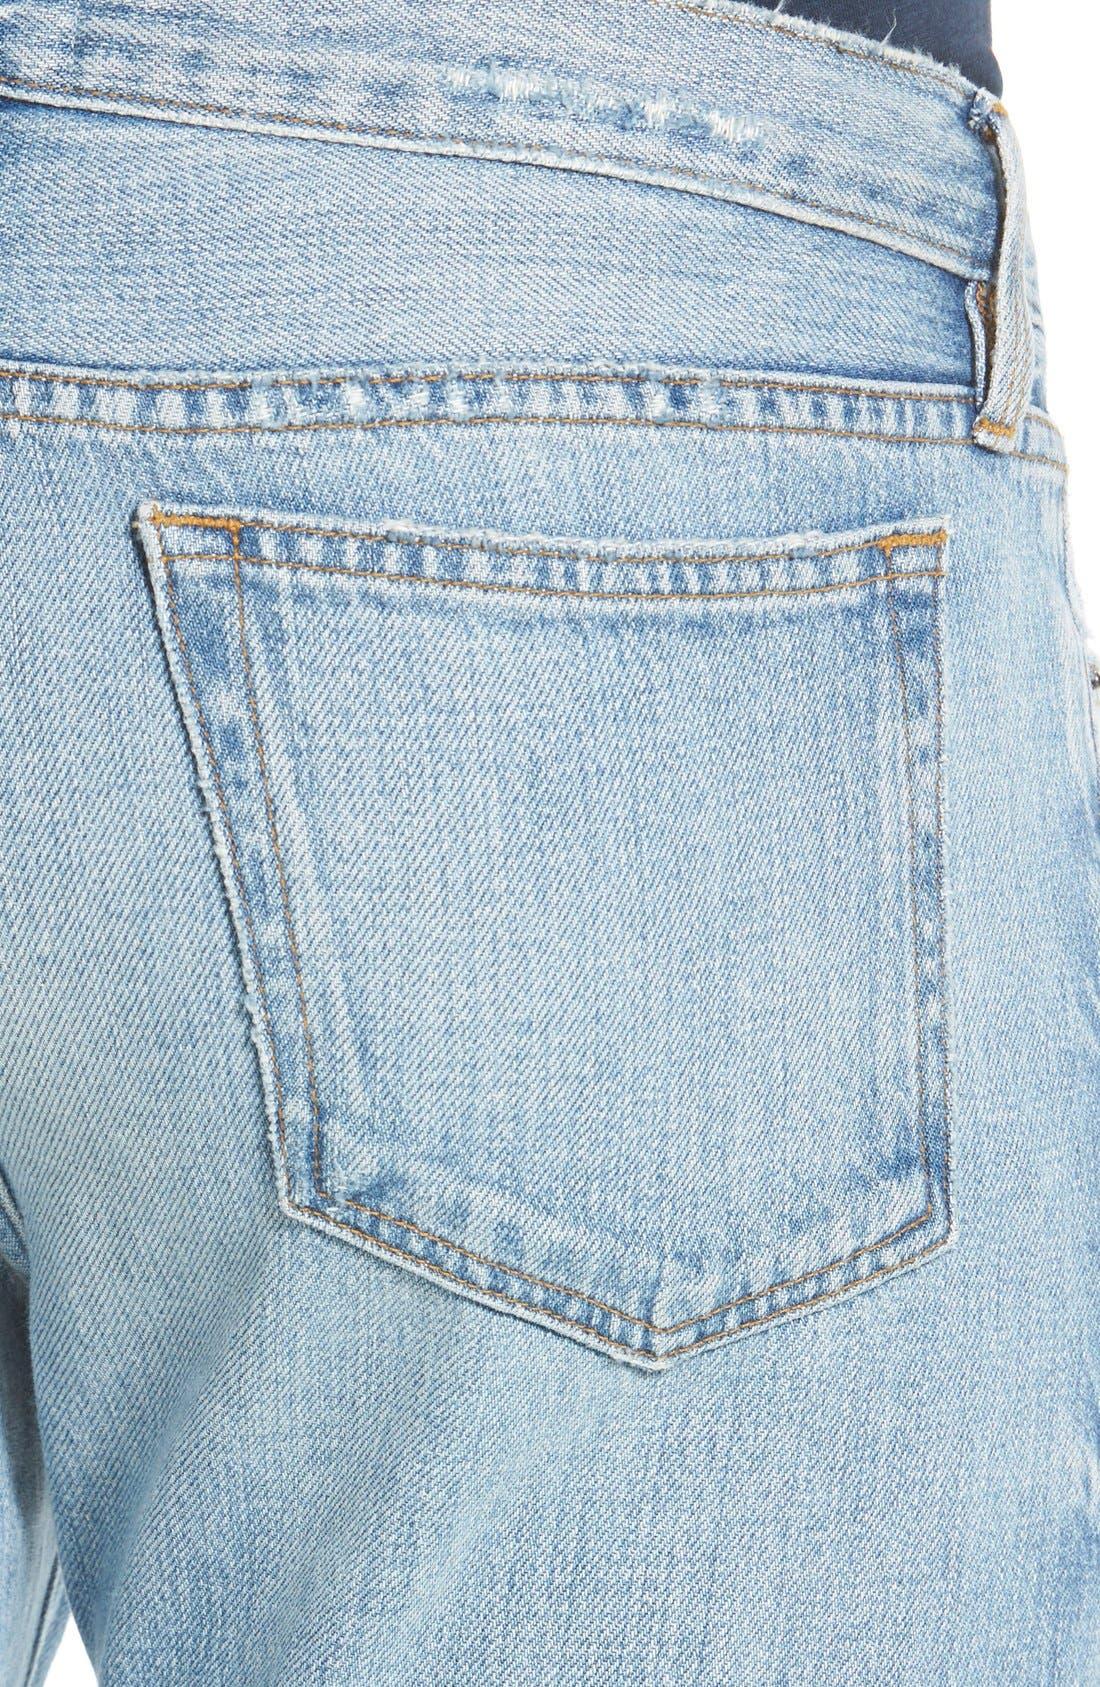 'L'Homme' Slim Fit Jeans,                             Alternate thumbnail 4, color,